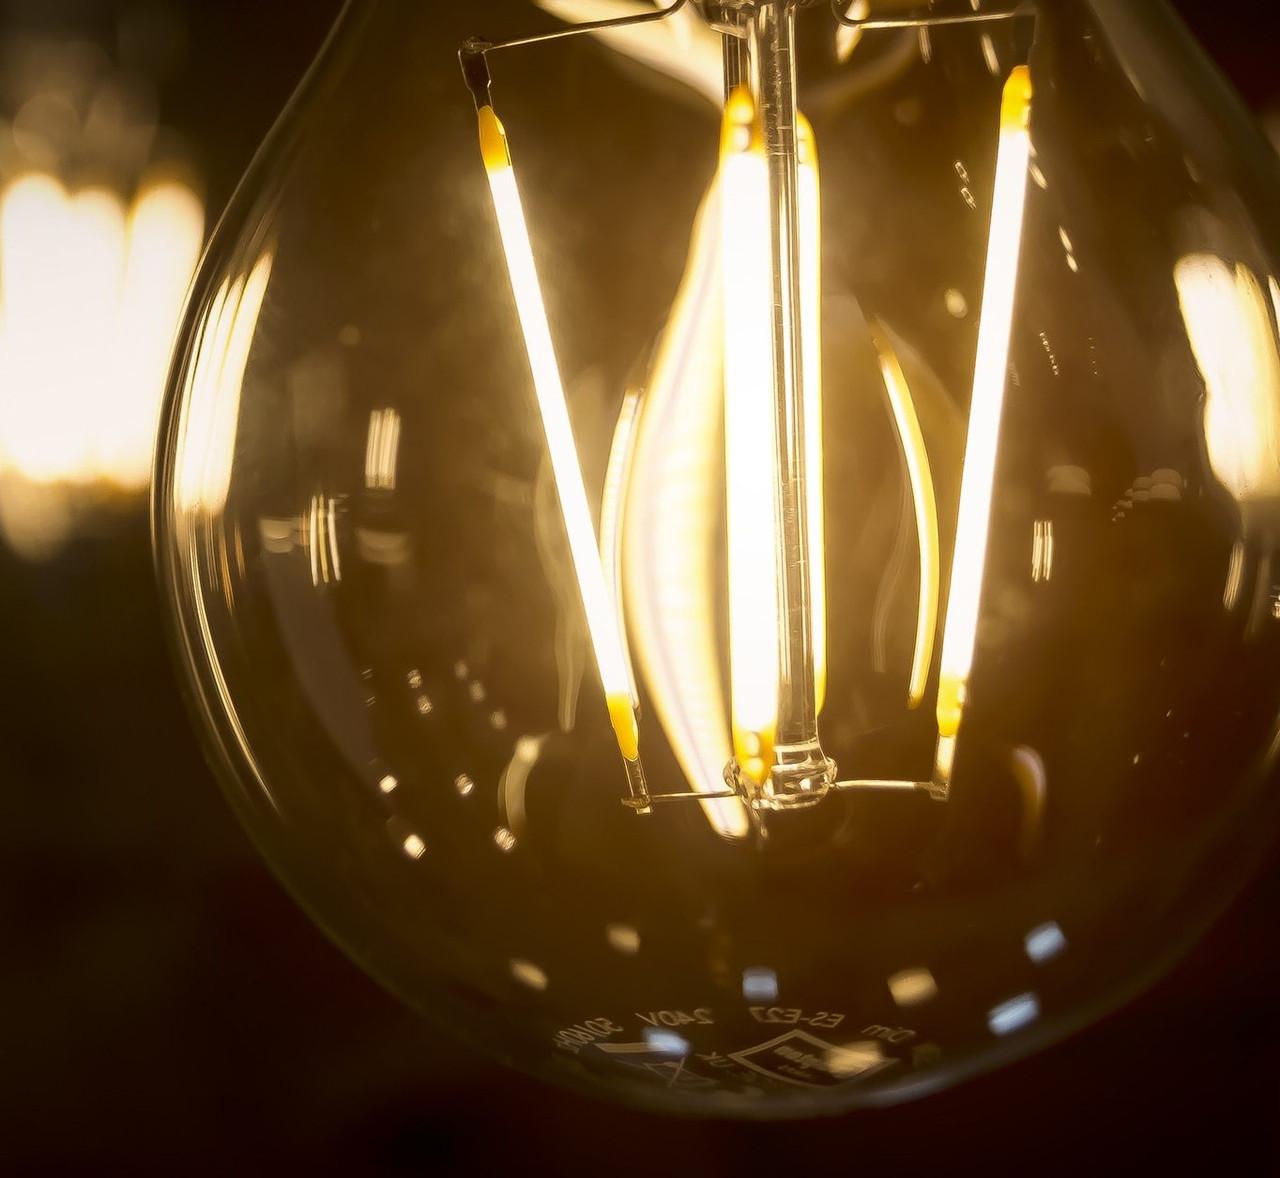 LED A60 7.5 Watt Light Bulbs